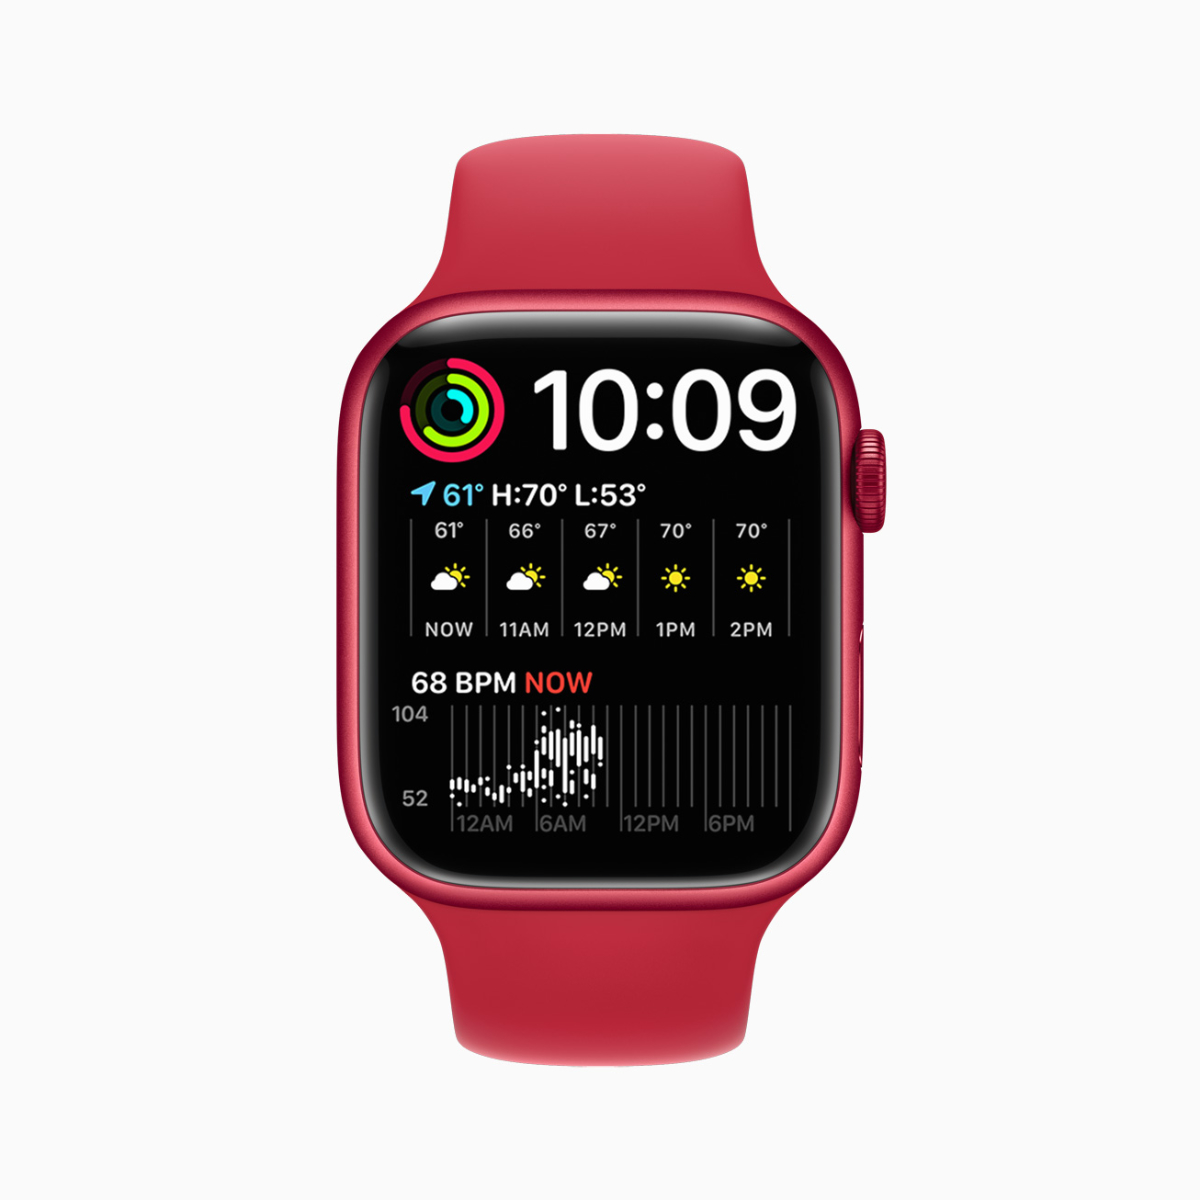 ontop.vn Apple watch series7 contour face 09142021Apple watch series7 modular face 09142021